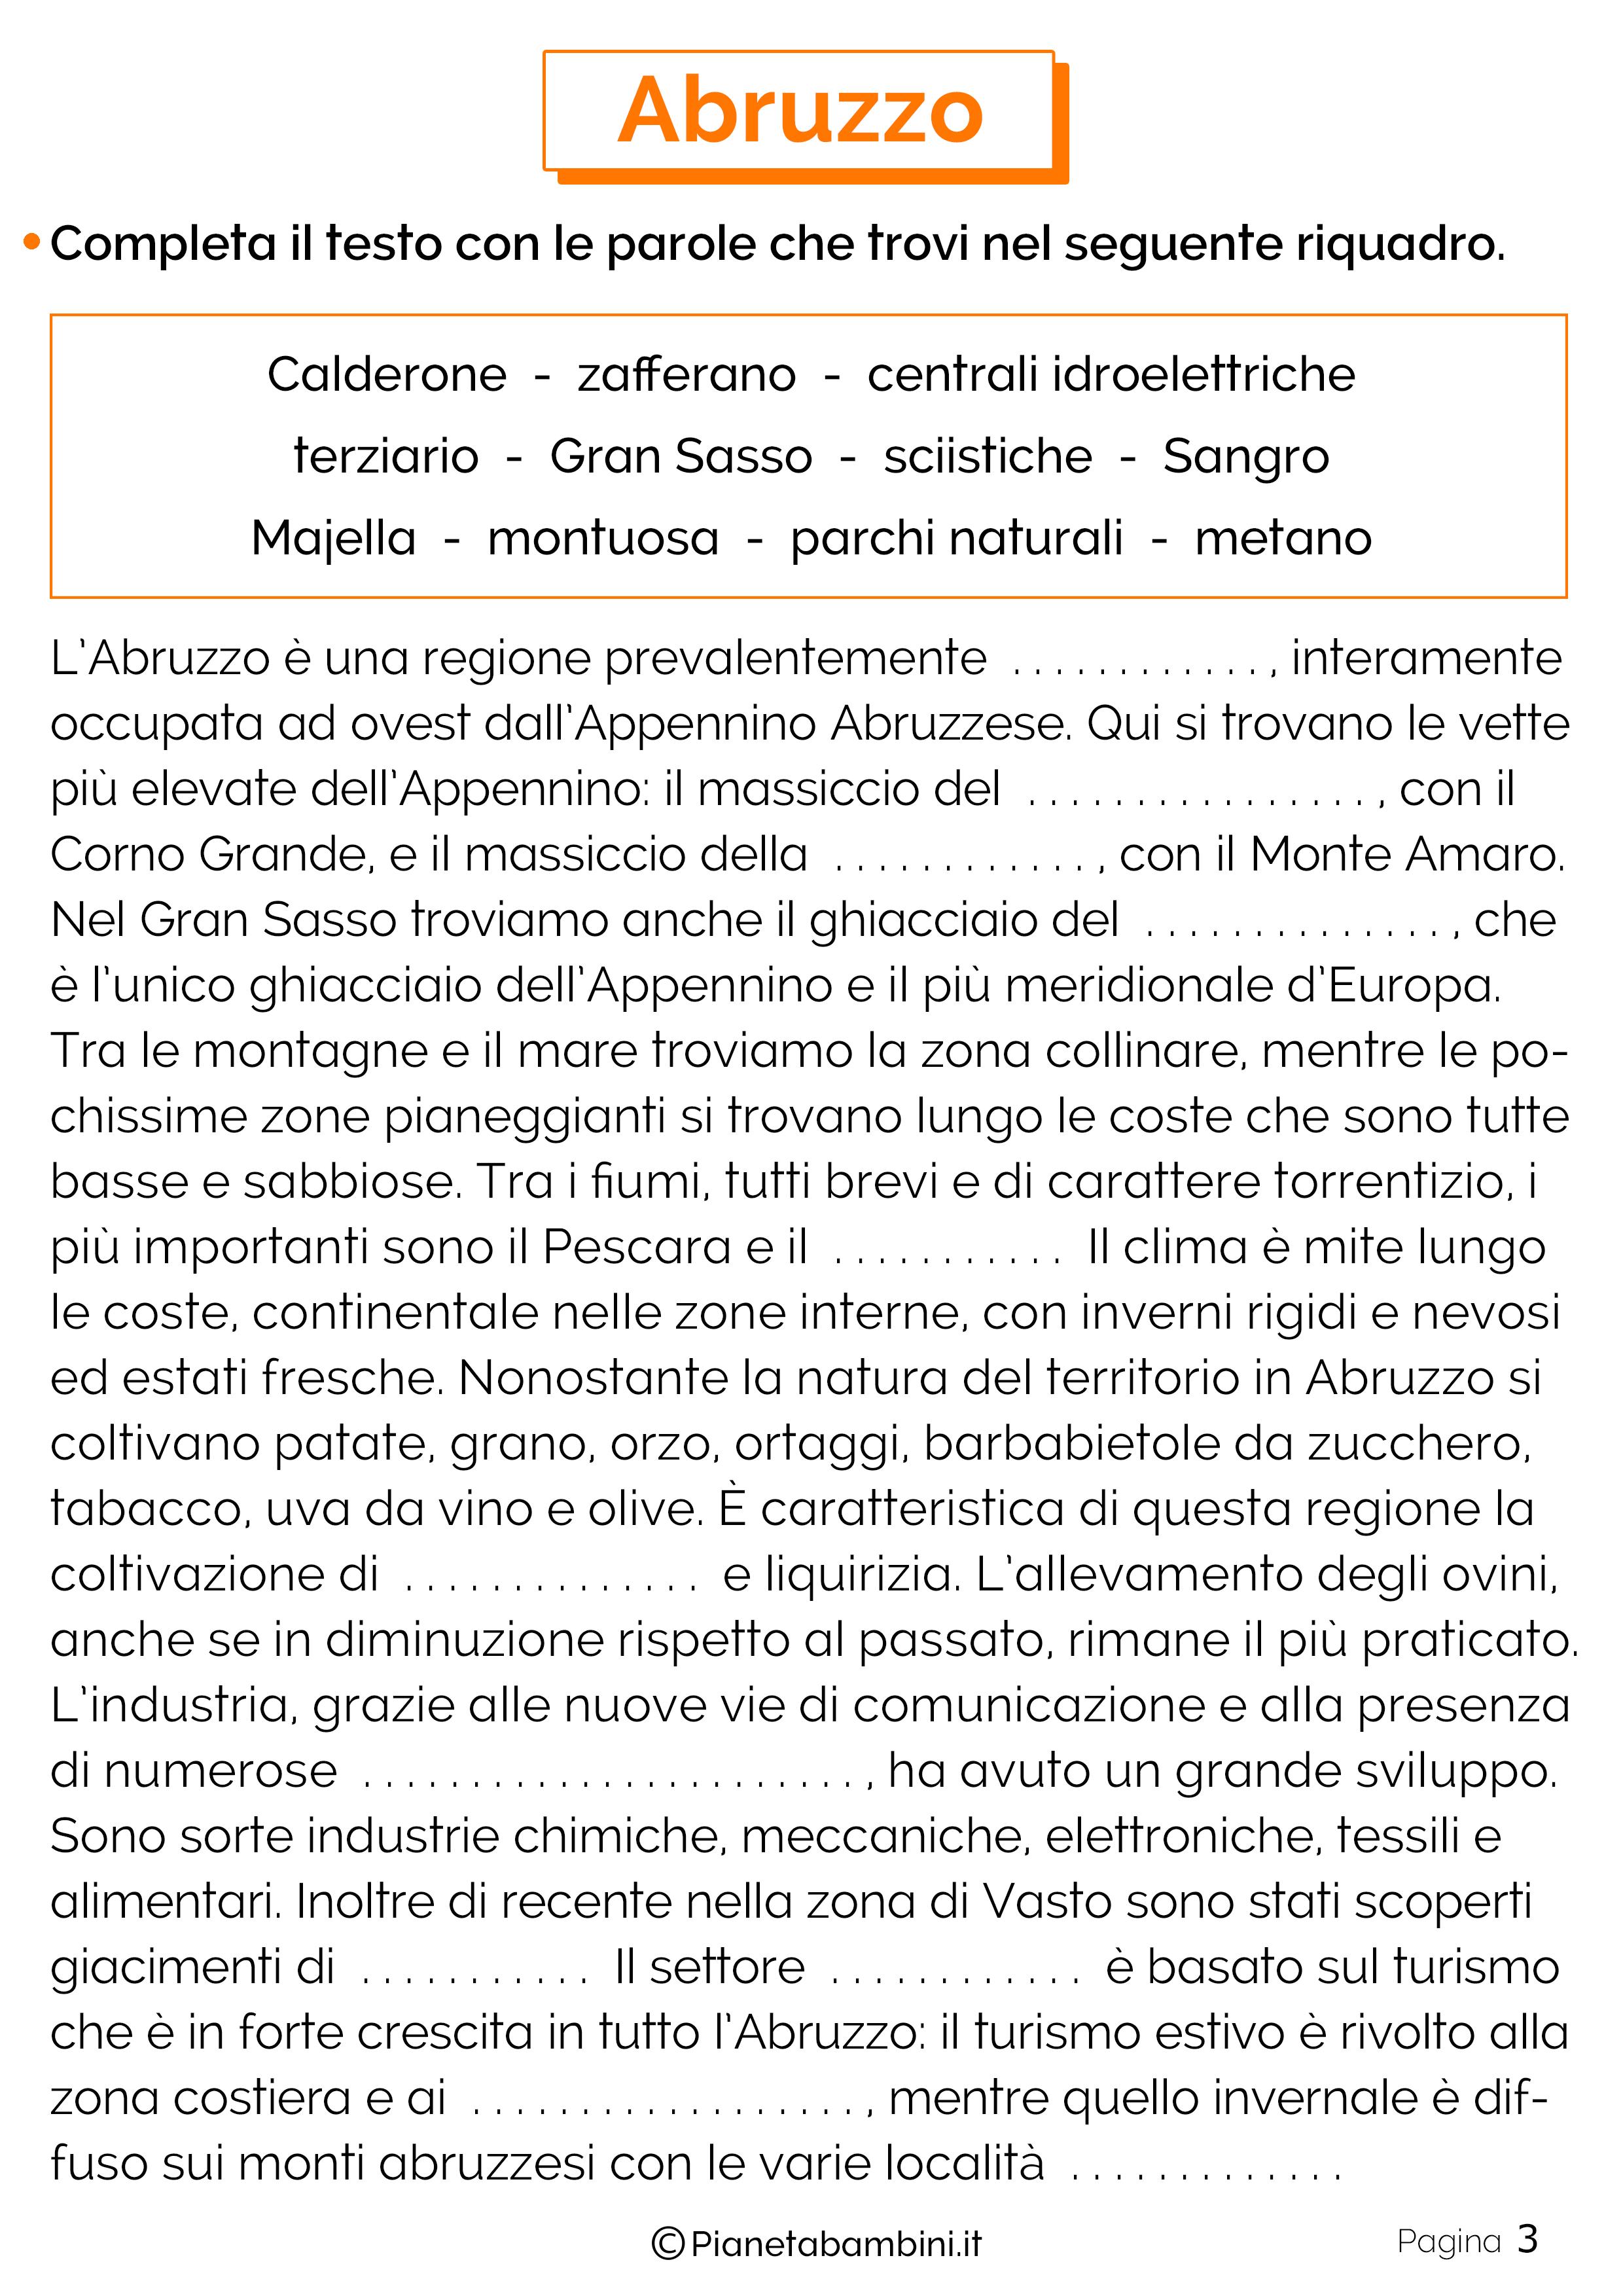 Esercizi sull'Abruzzo 3